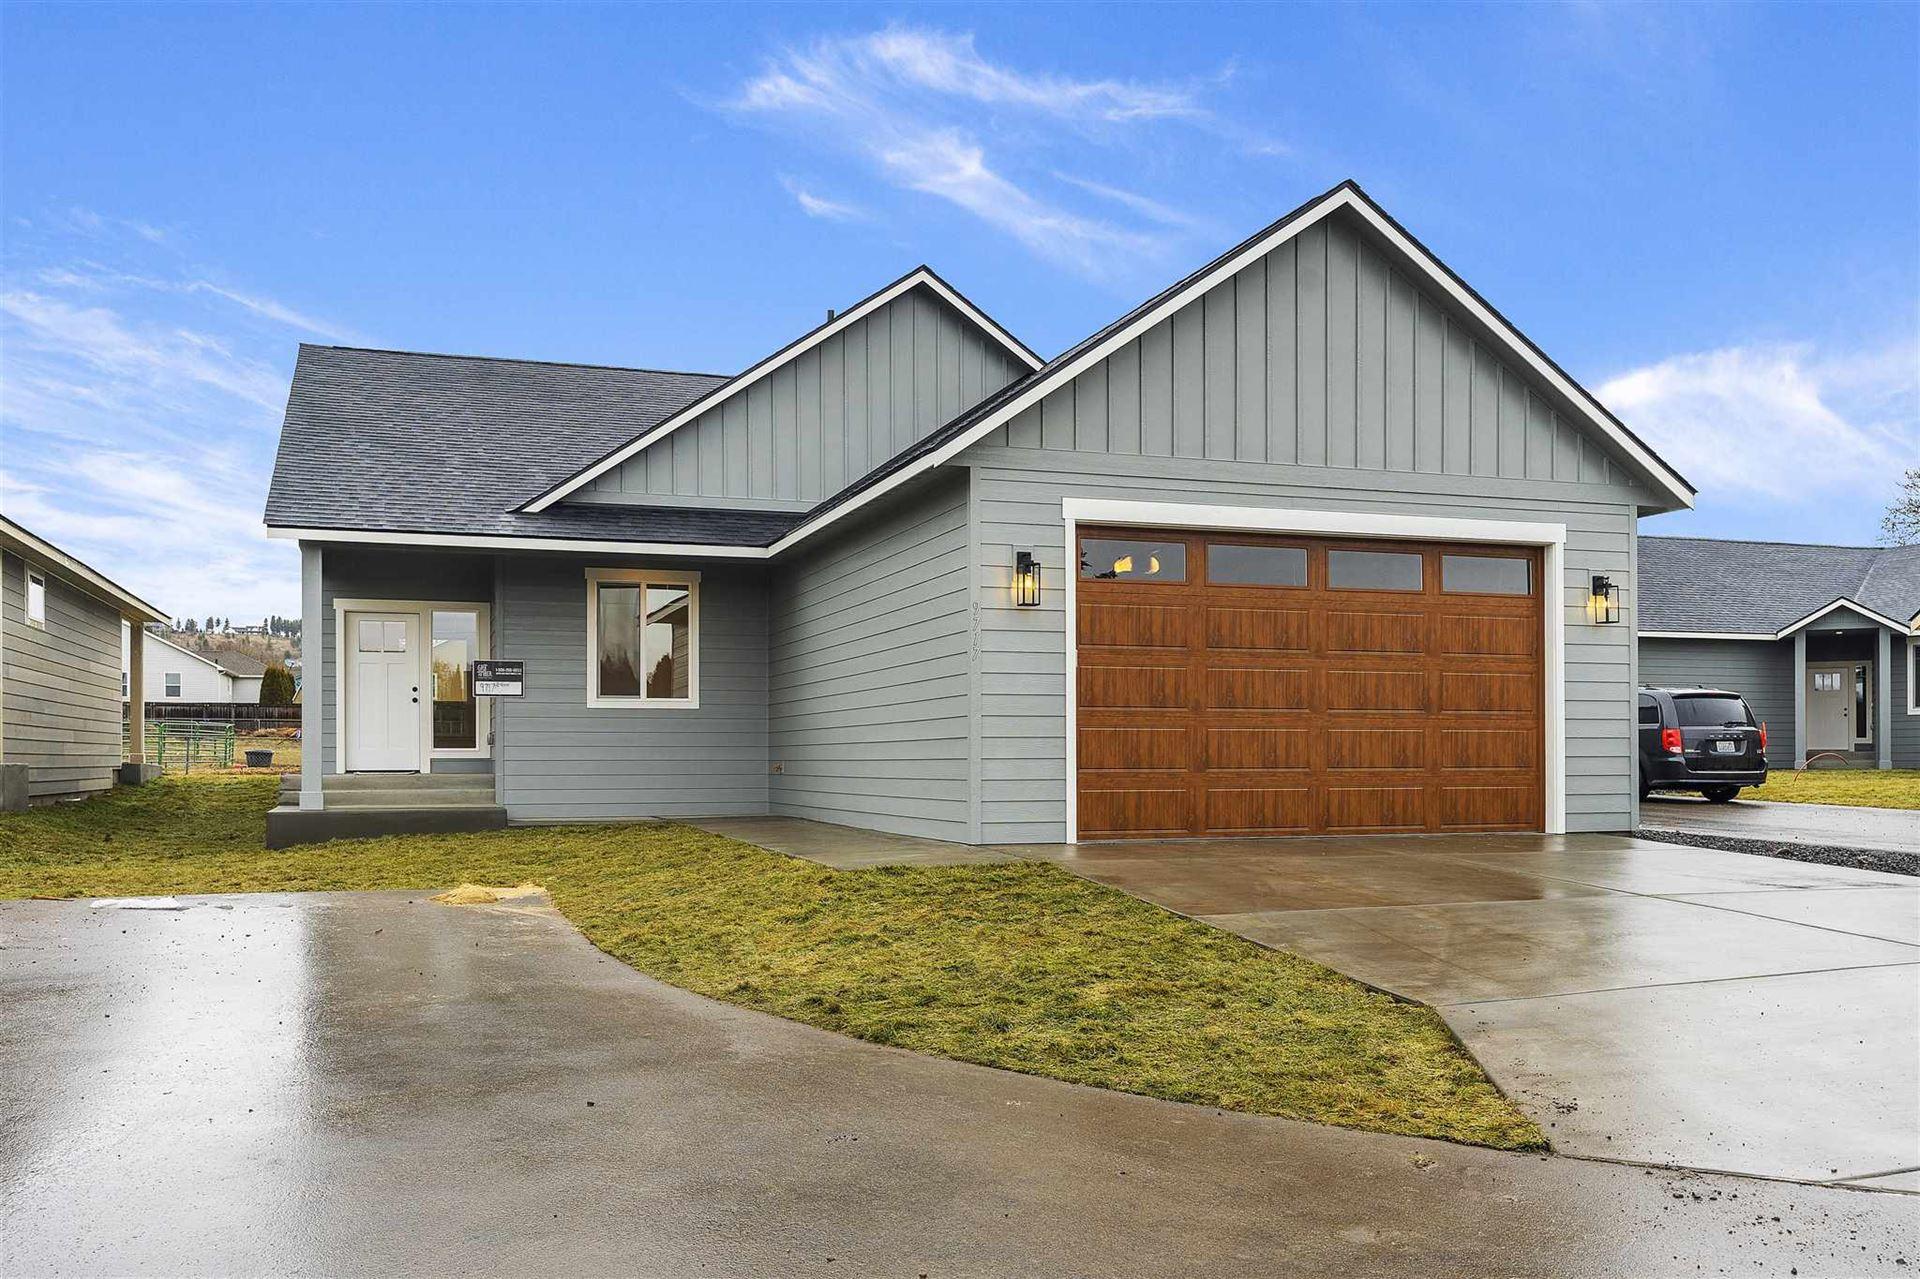 9717 E Walton Ln, Spokane, WA 99206 - #: 202110330